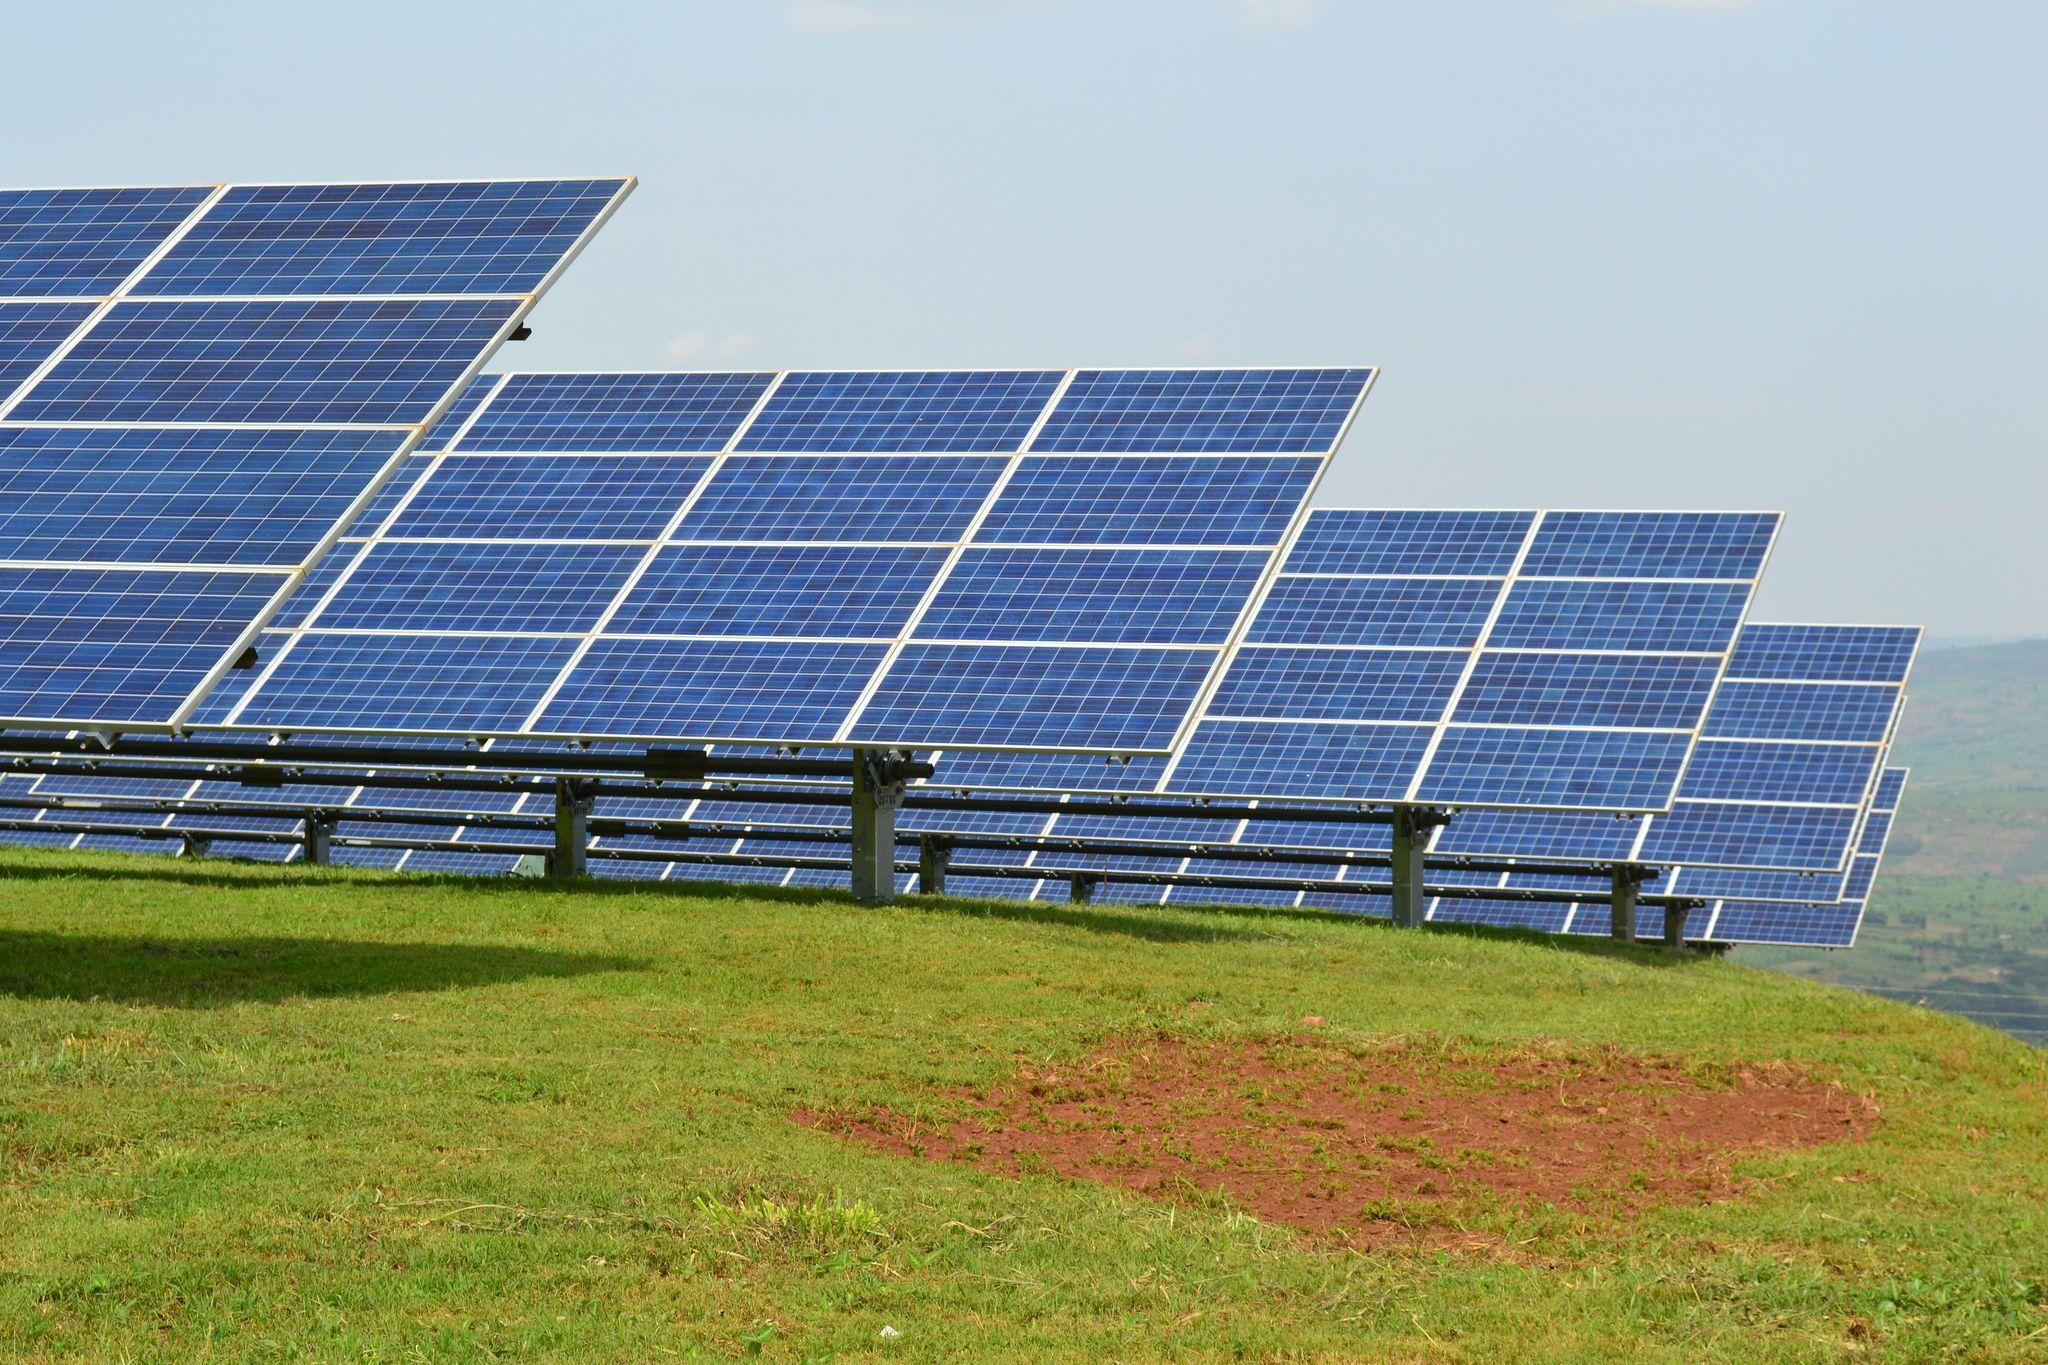 Planification Et Perspectives Pour Les Energies Renouvelables En Afrique De L Ouest West Africa Solar Africa